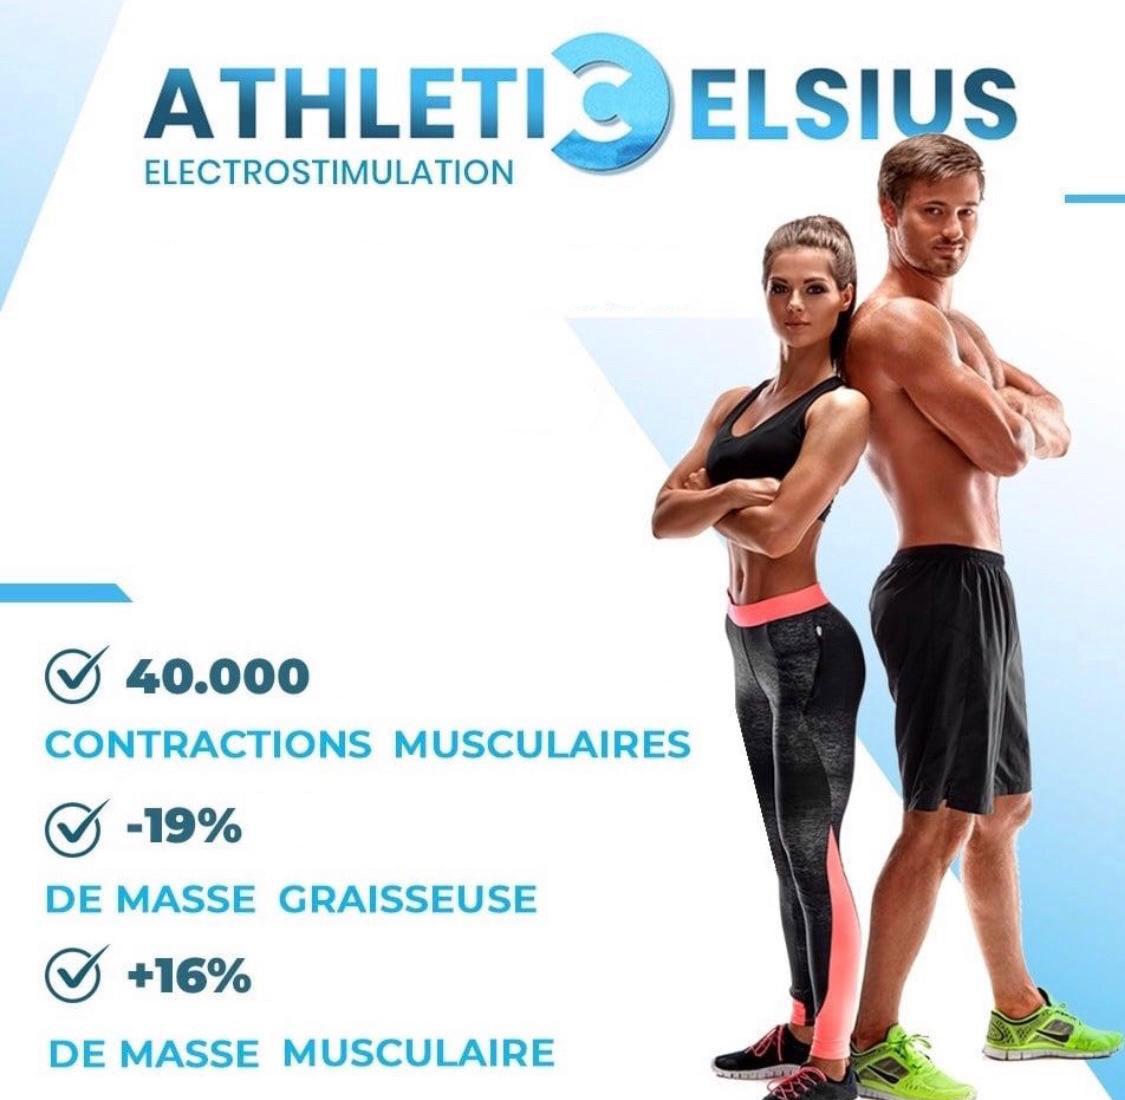 athletic celsius programme